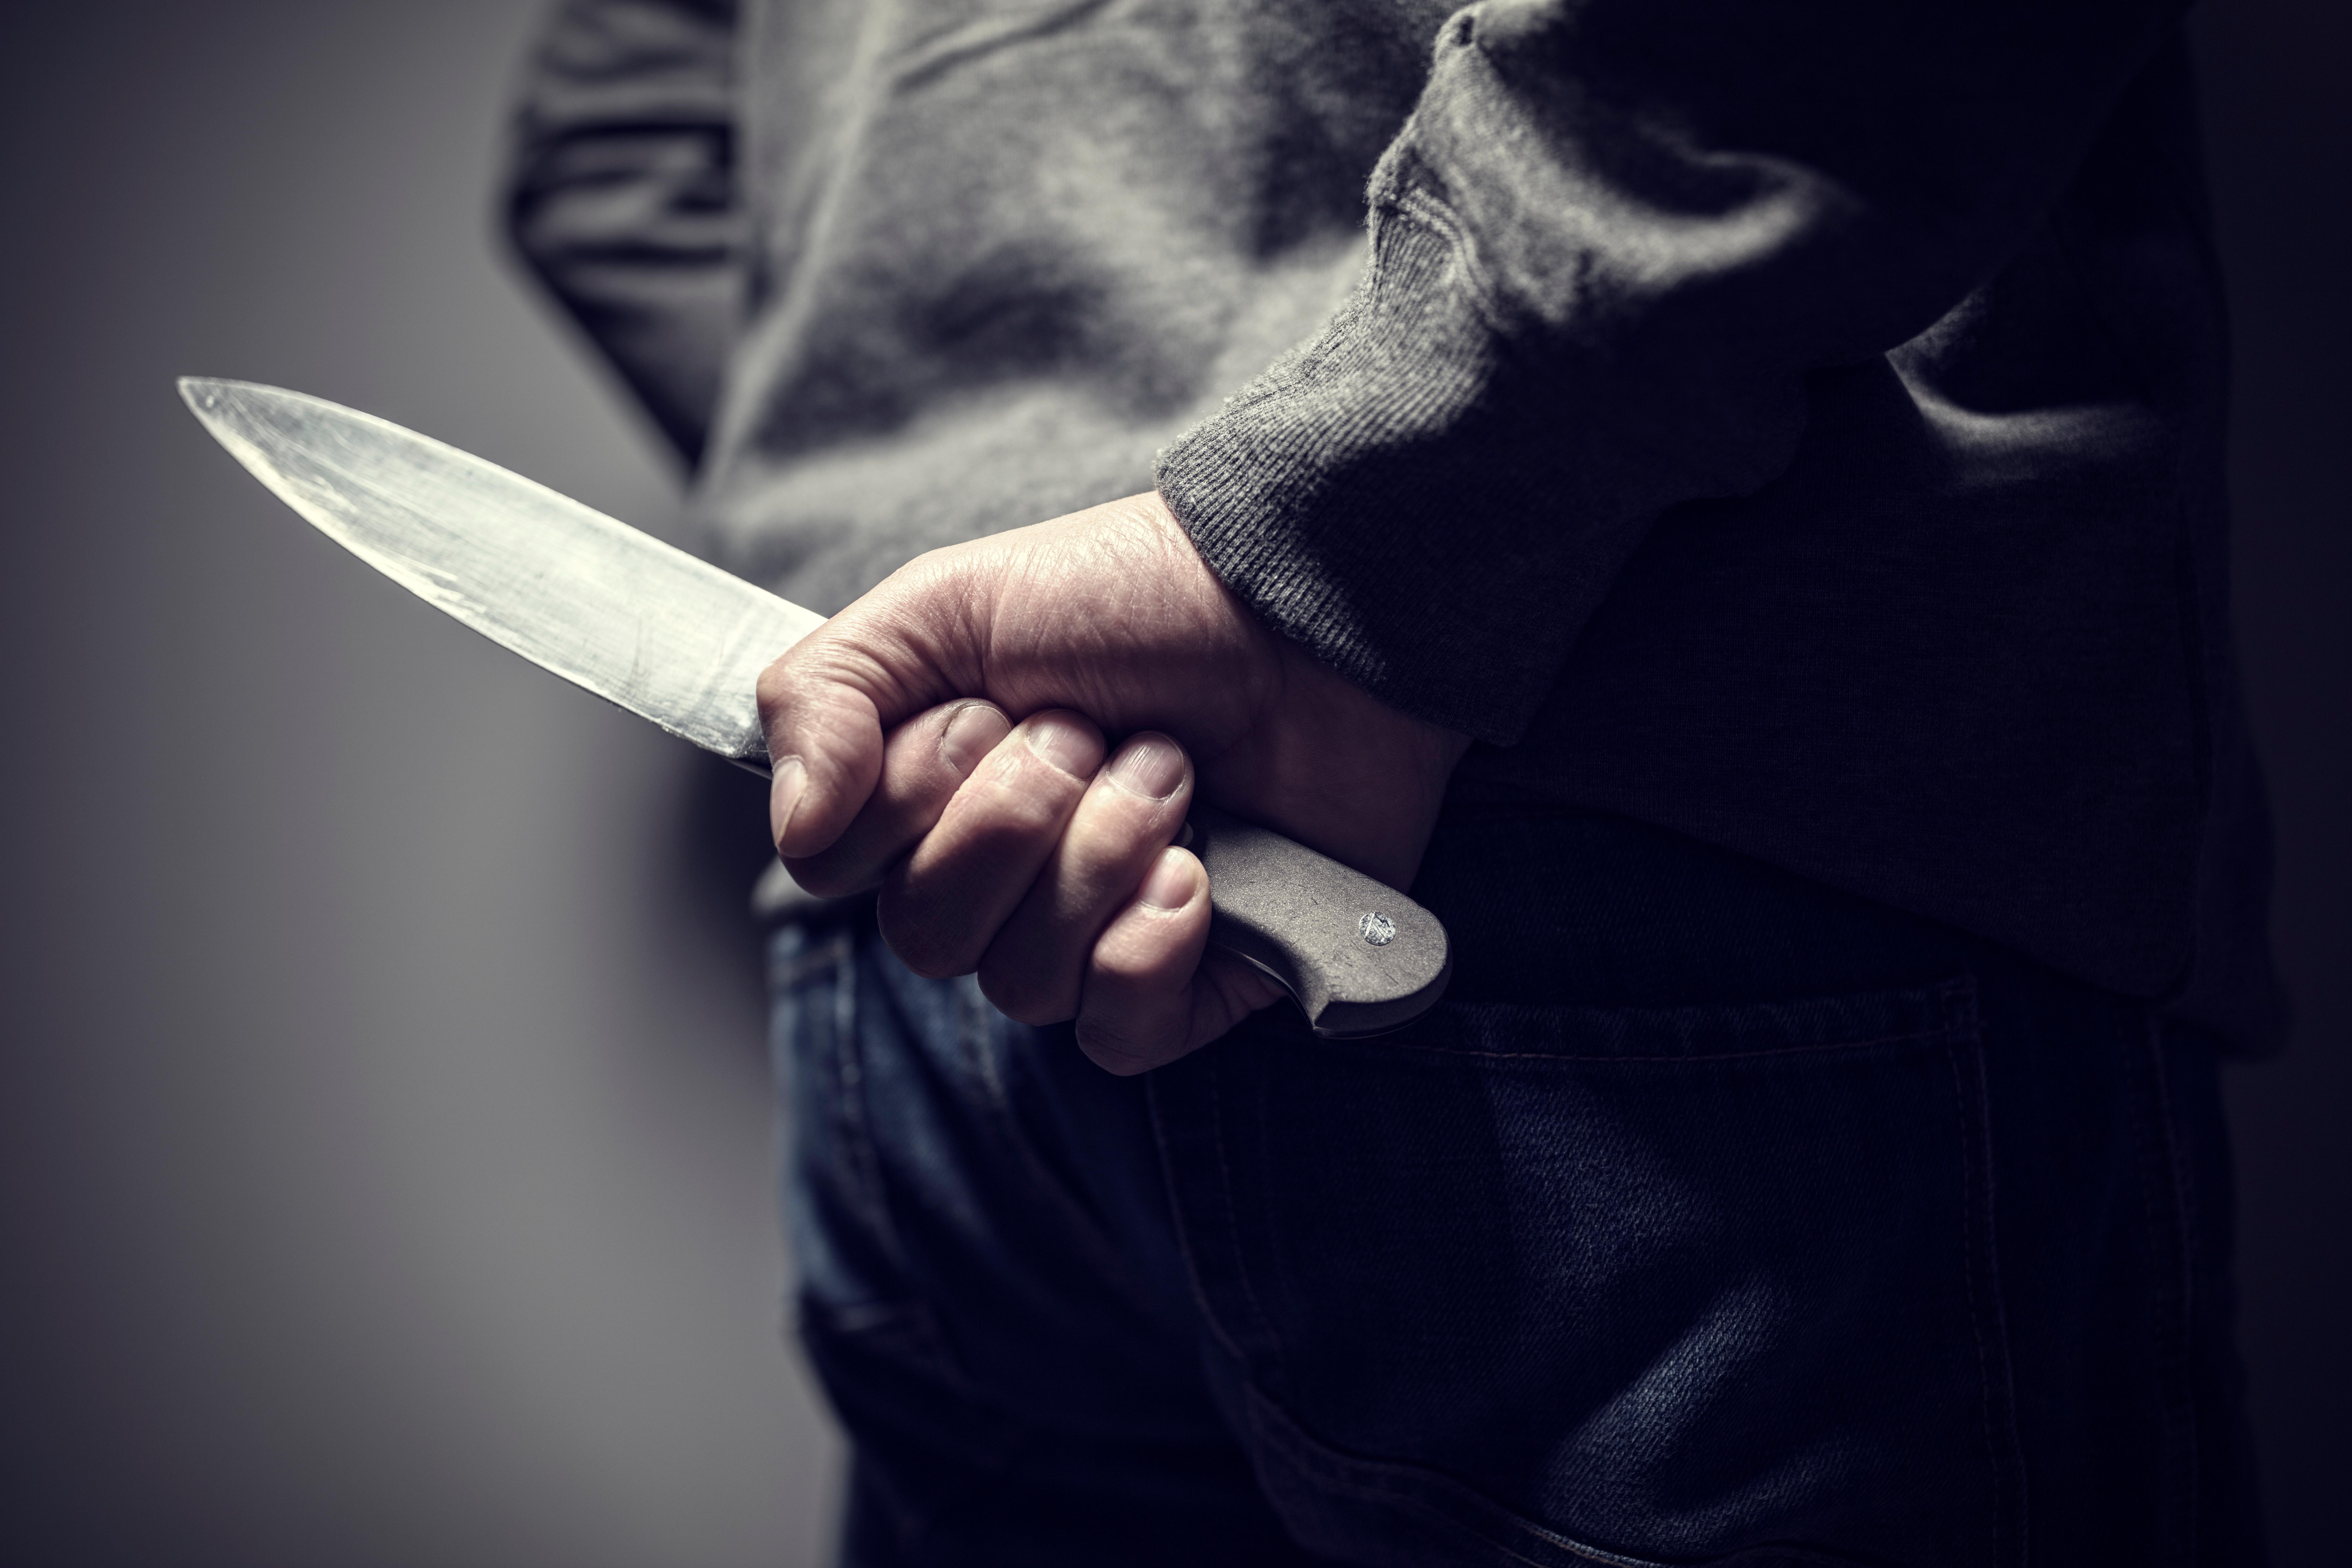 O femeie injunghiată a ieșit pe scară să ceară ajutor, în Năvodari. Atacatorul striga din casă: Te omor, ți-am zis că te omor